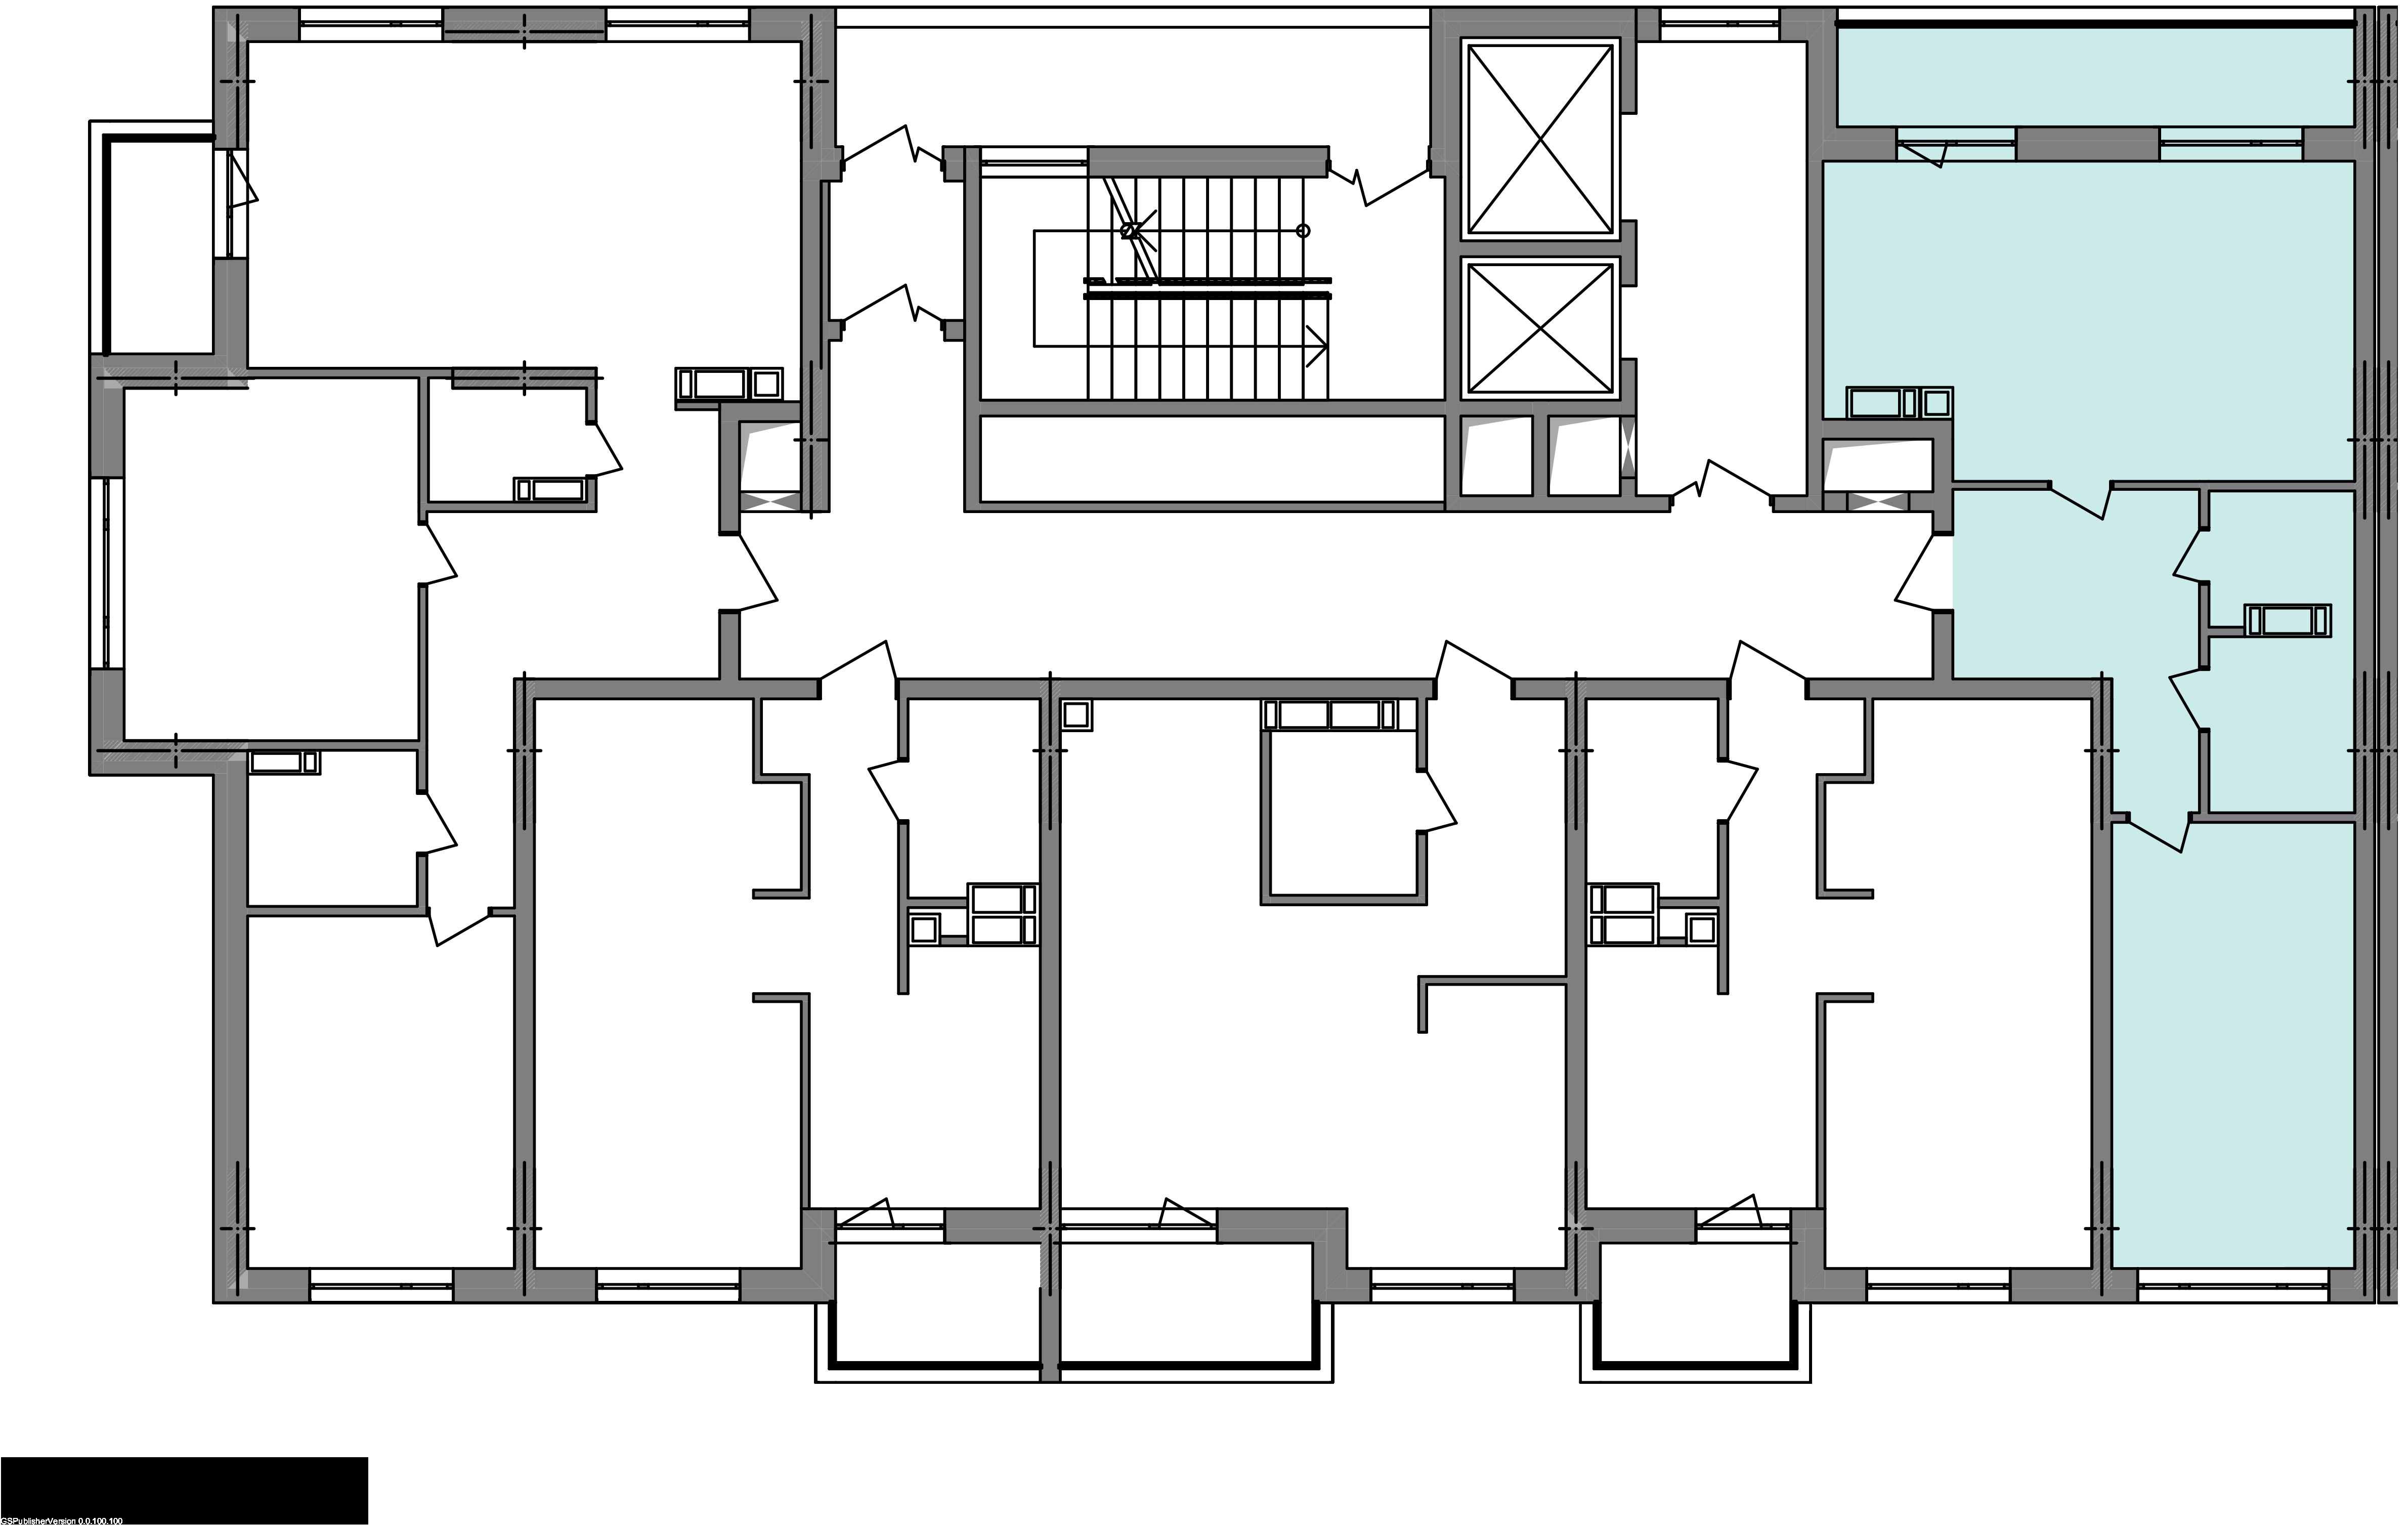 Двокімнатна квартира 59,73 кв.м., тип 2.2, будинок 3, секція 5 розташування на поверсі